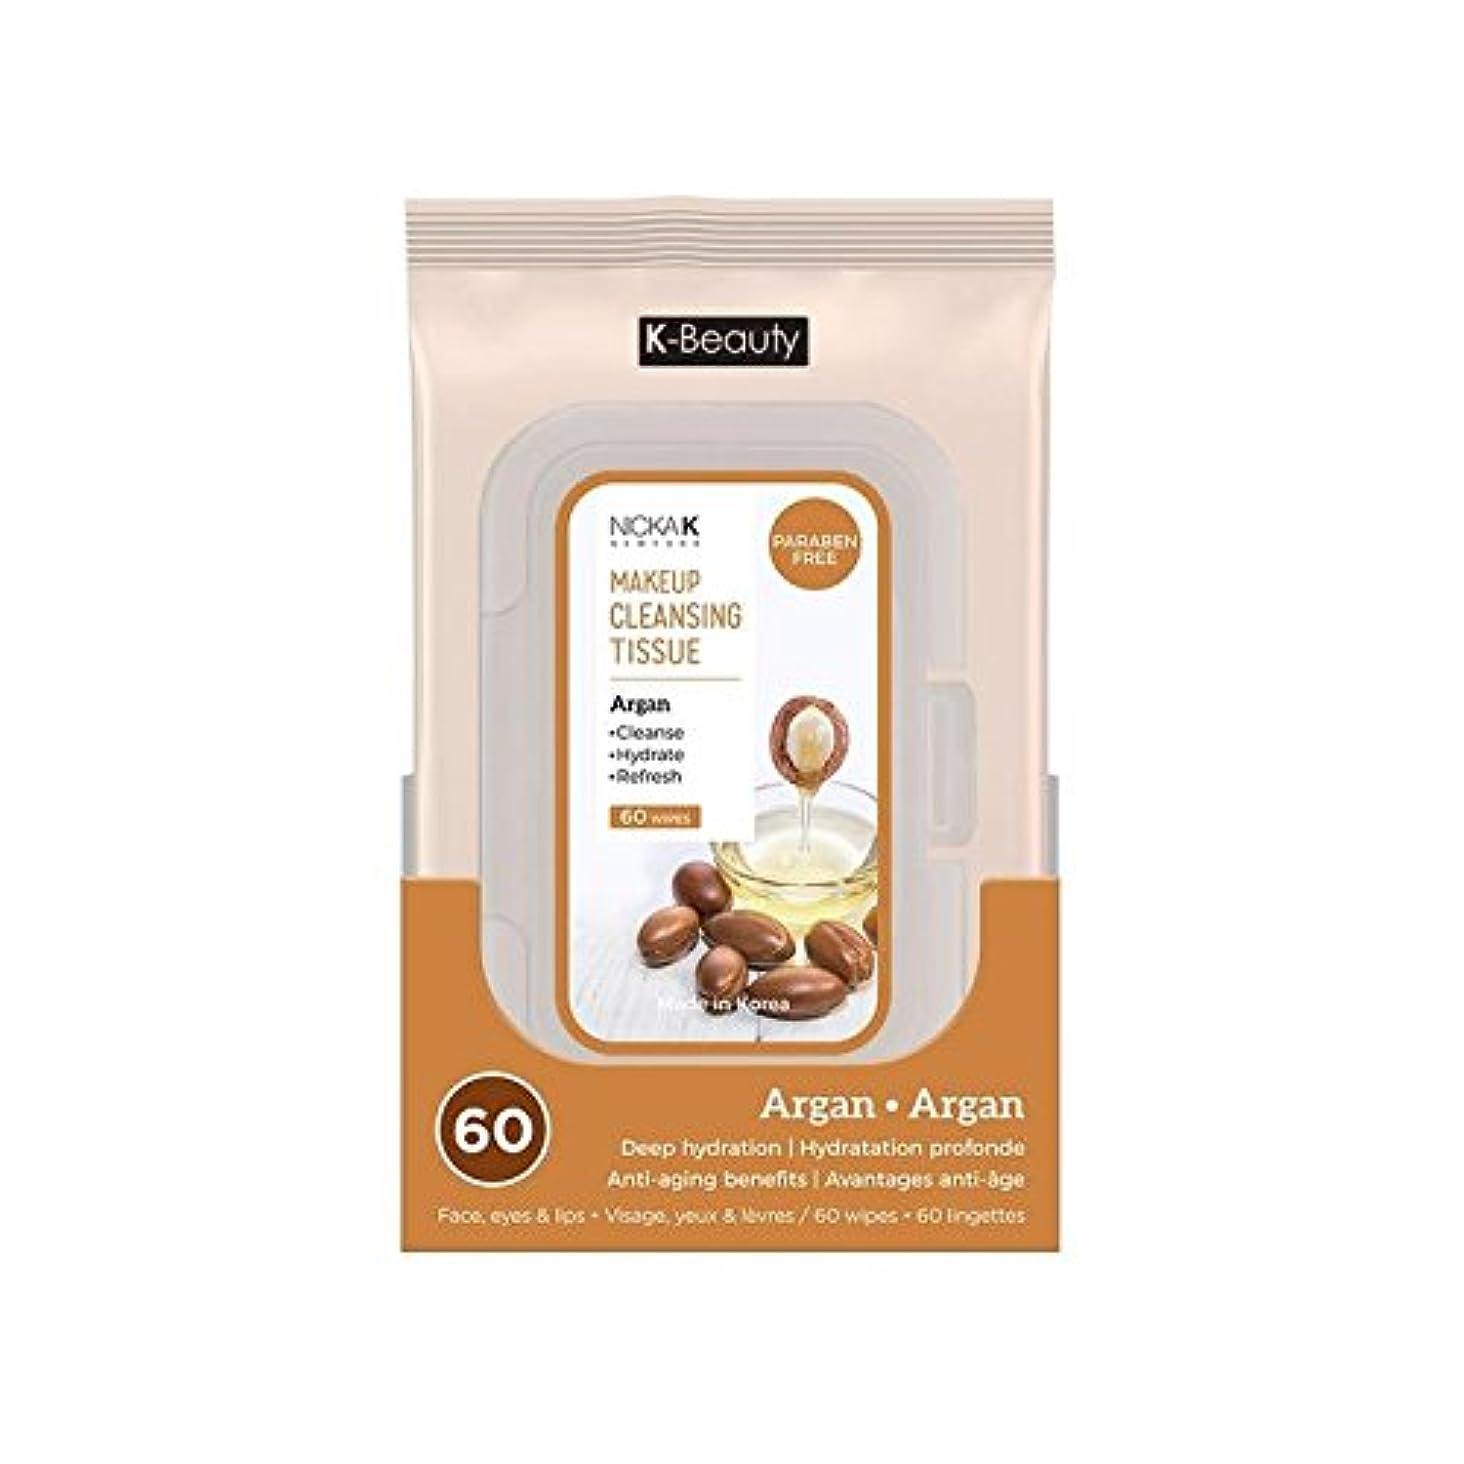 湿った首穏やかな(6 Pack) NICKA K Make Up Cleansing Tissue - Argan (並行輸入品)